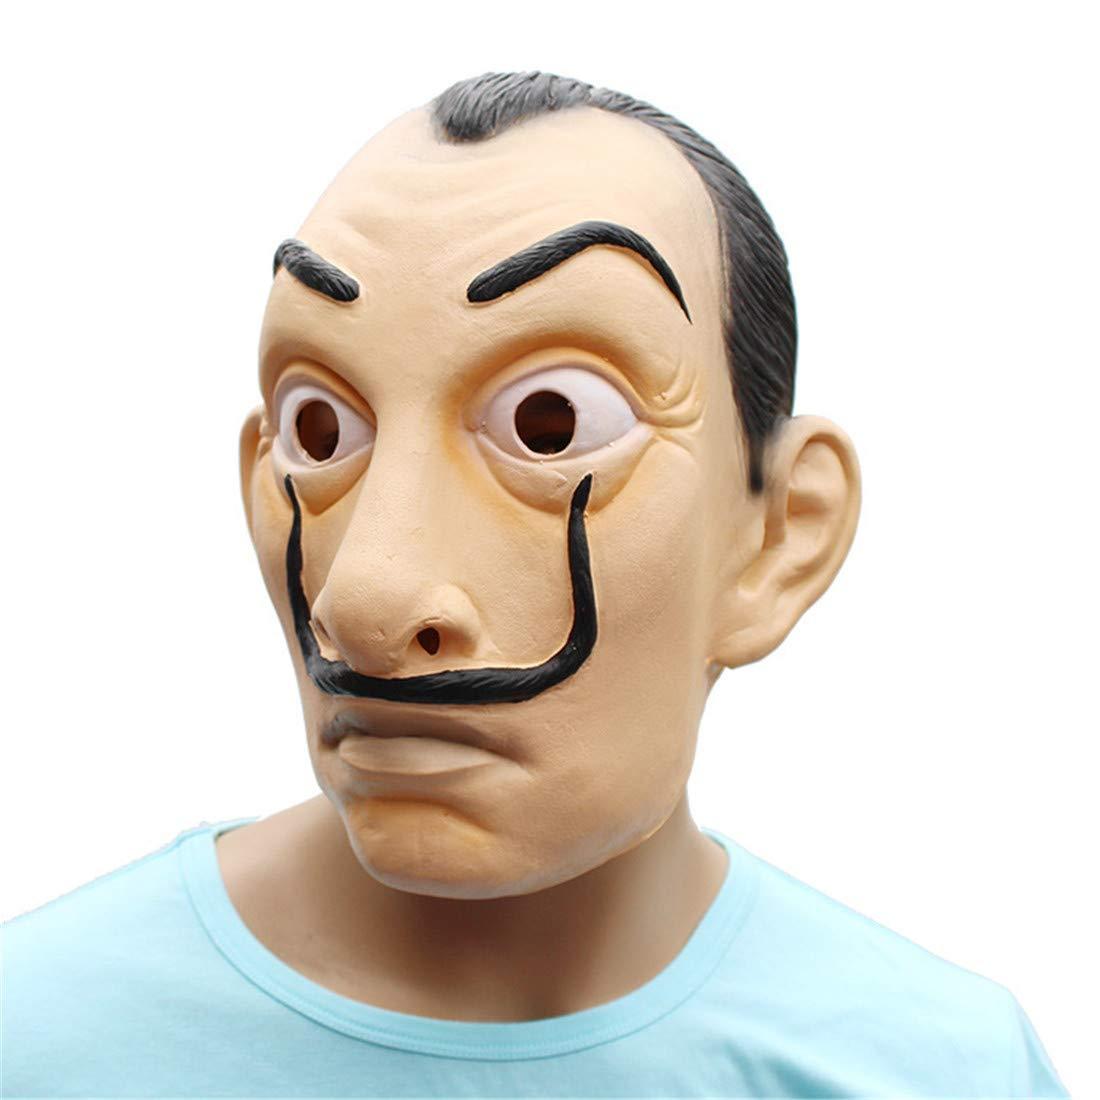 VUKUB Decoración De Halloween La Casa De Papel Máscara De Disfraces Máscara Cosplay Full Head Máscara De Látex Fuego Lobo: Amazon.es: Deportes y aire libre